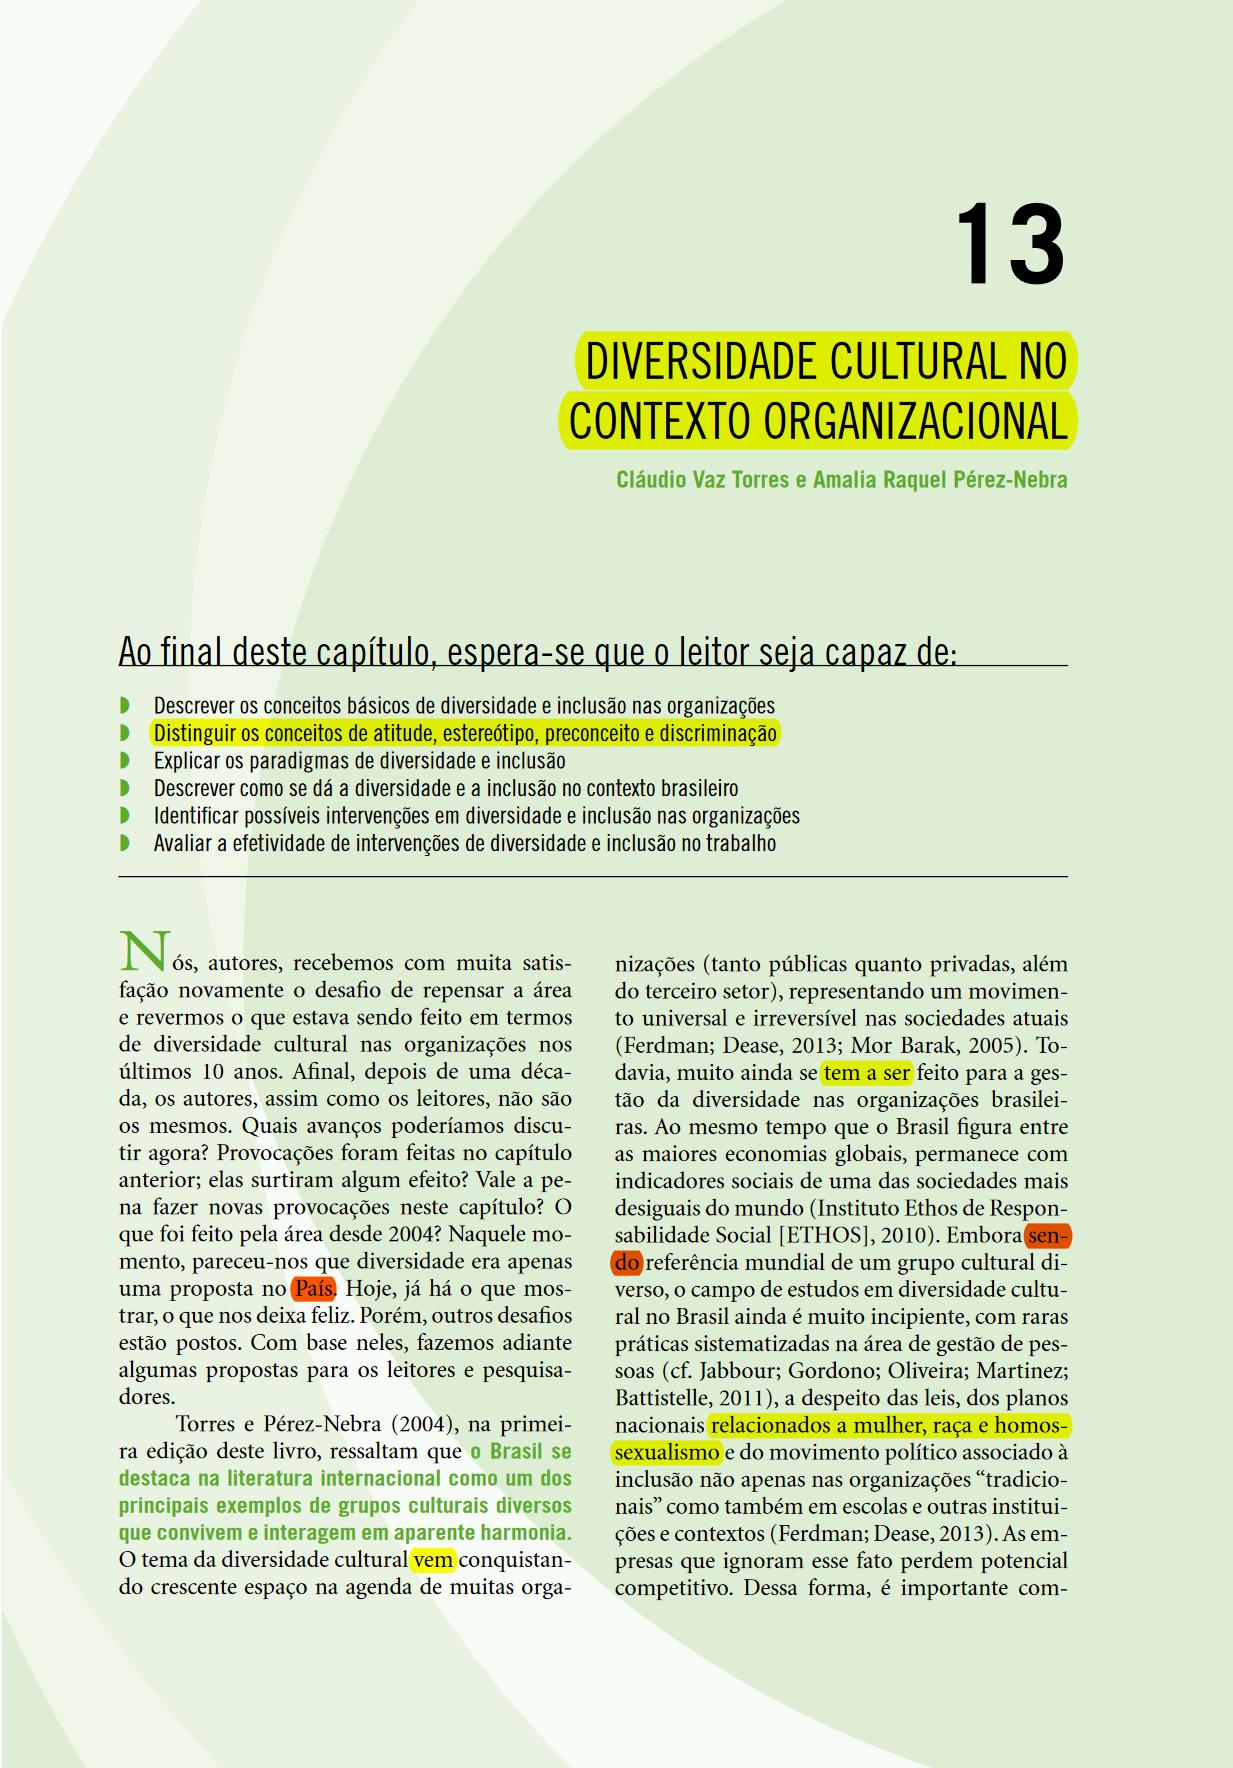 Diversidade-e-Inclusão-nas-Organizações capa diversidade e inclusão nas organizações Diversidade e Inclusão nas Organizações Diversidade e Inclusao nas Organizacoes capa